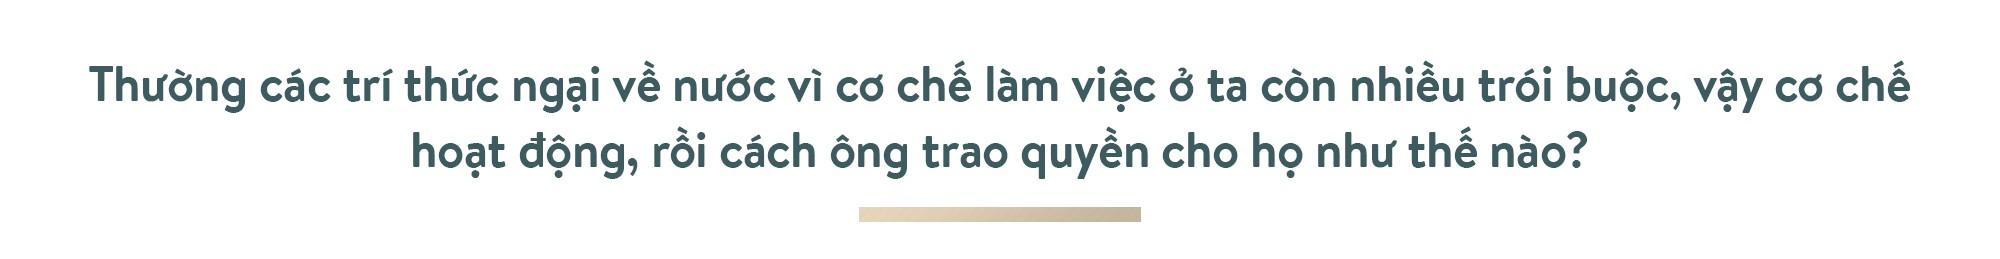 Ông Phạm Nhật Vượng: Thế giới phải biết Việt Nam trí tuệ, đẳng cấp - Ảnh 10.